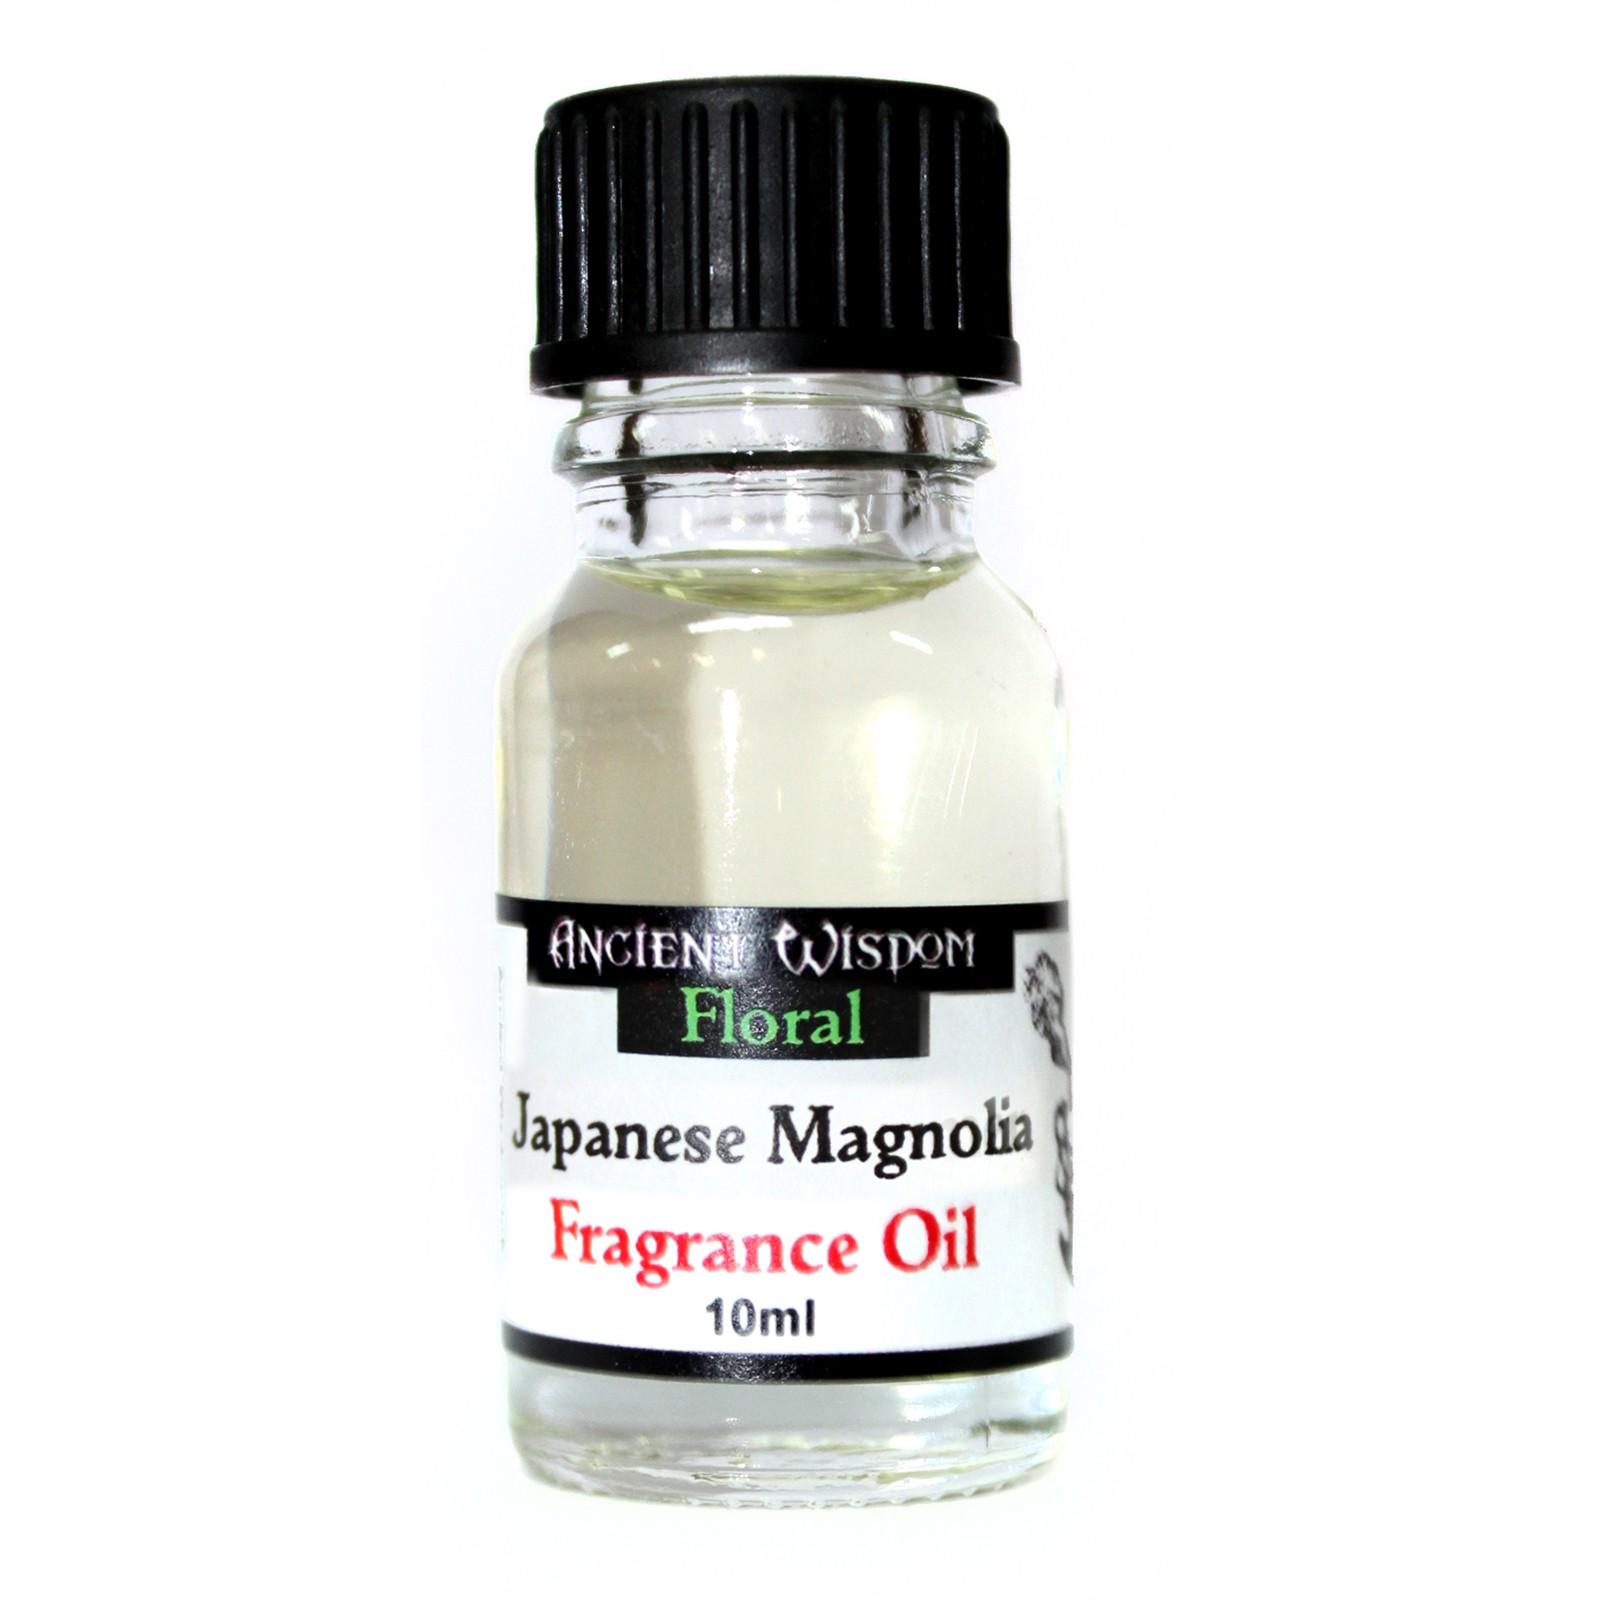 10ml Japanese Magnolia Fragrance Oil